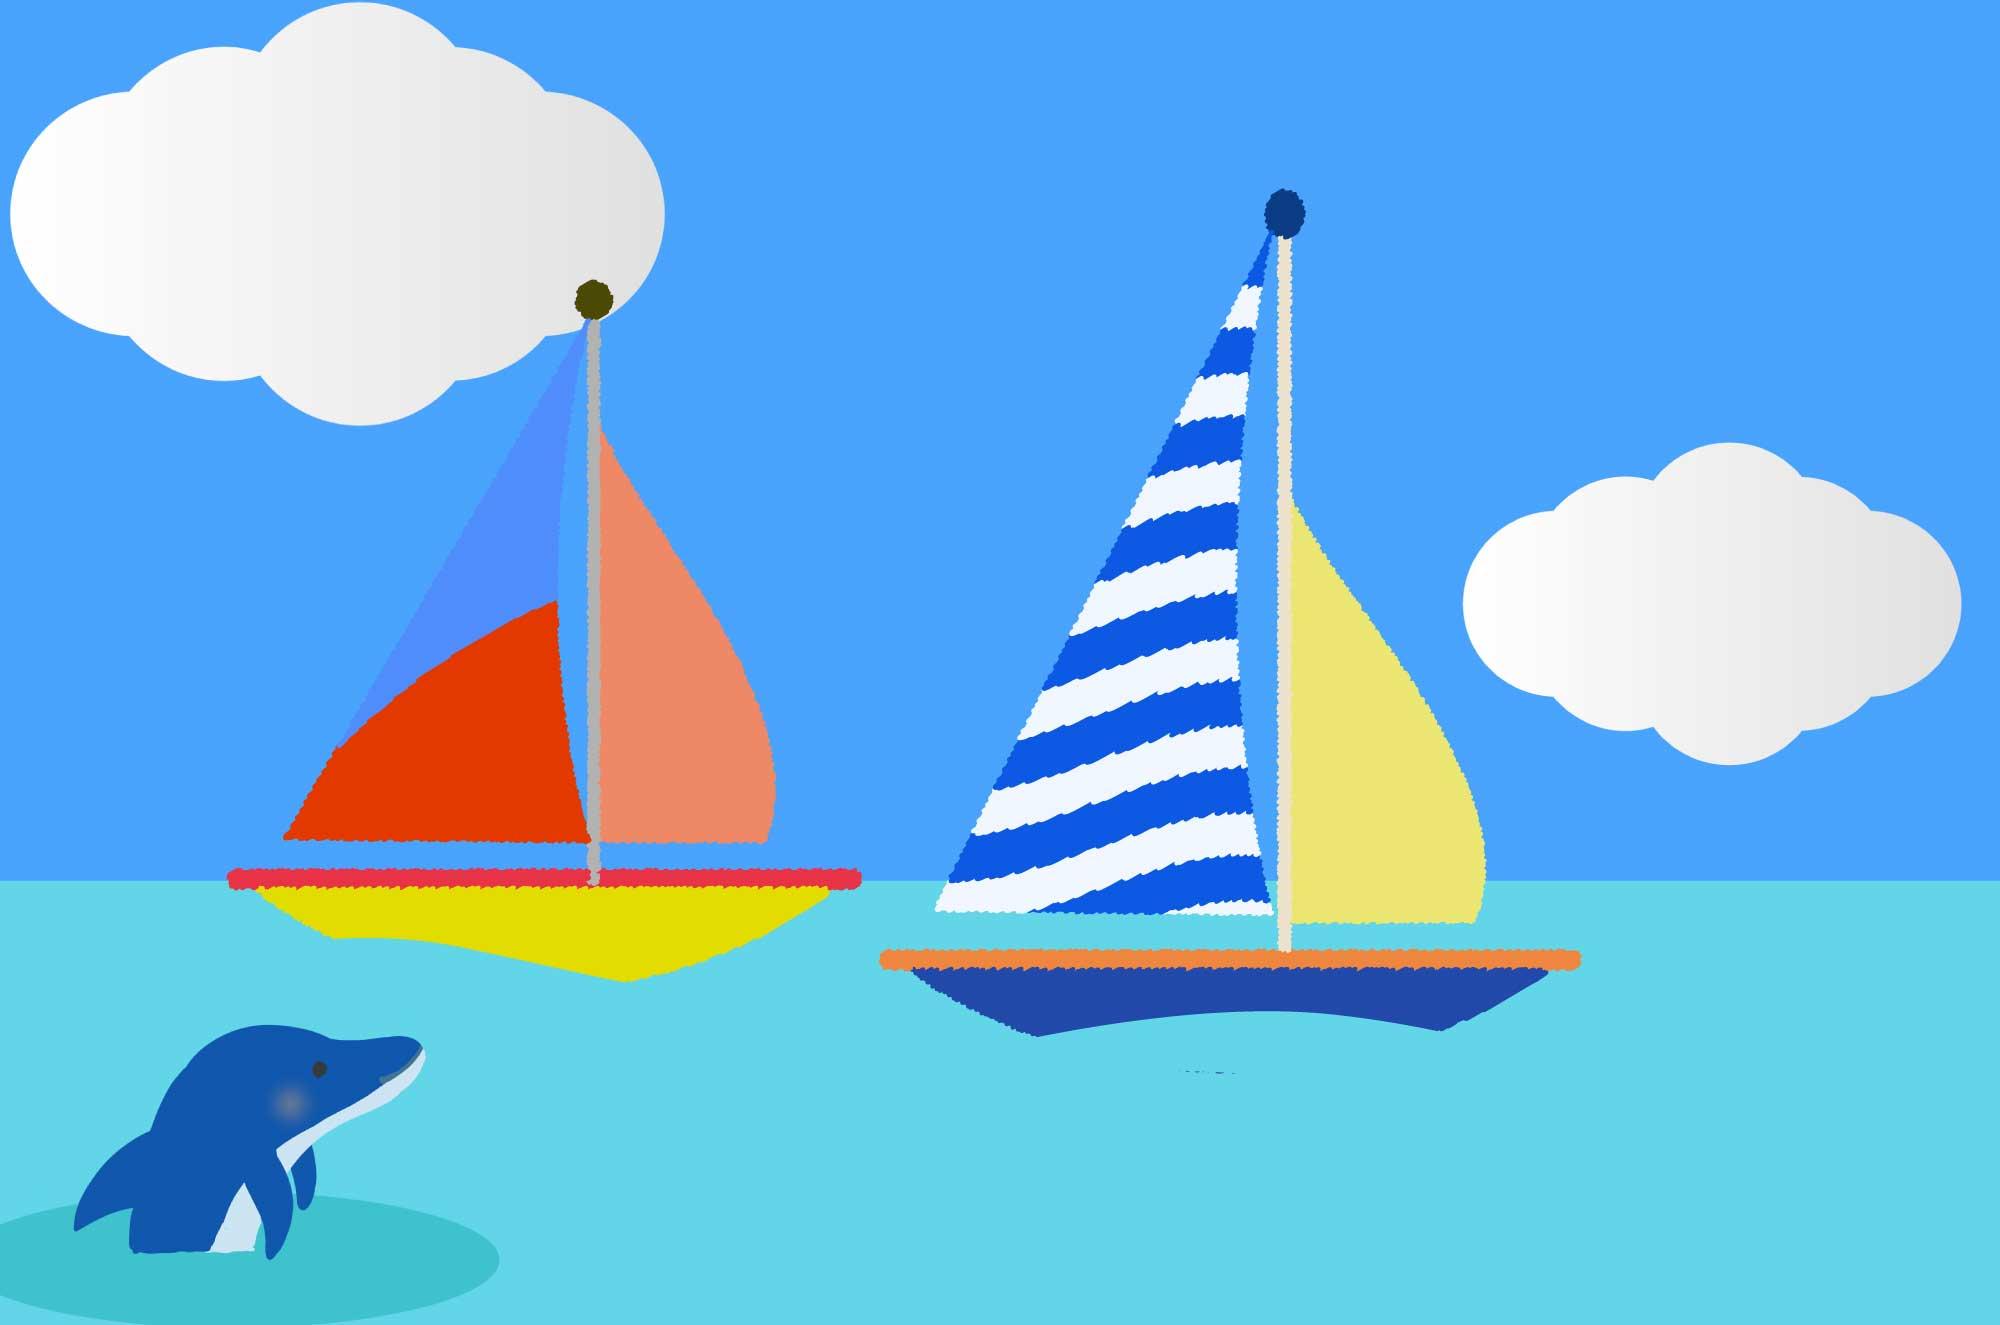 ヨットのイラスト 可愛い海の風景無料素材 チコデザ